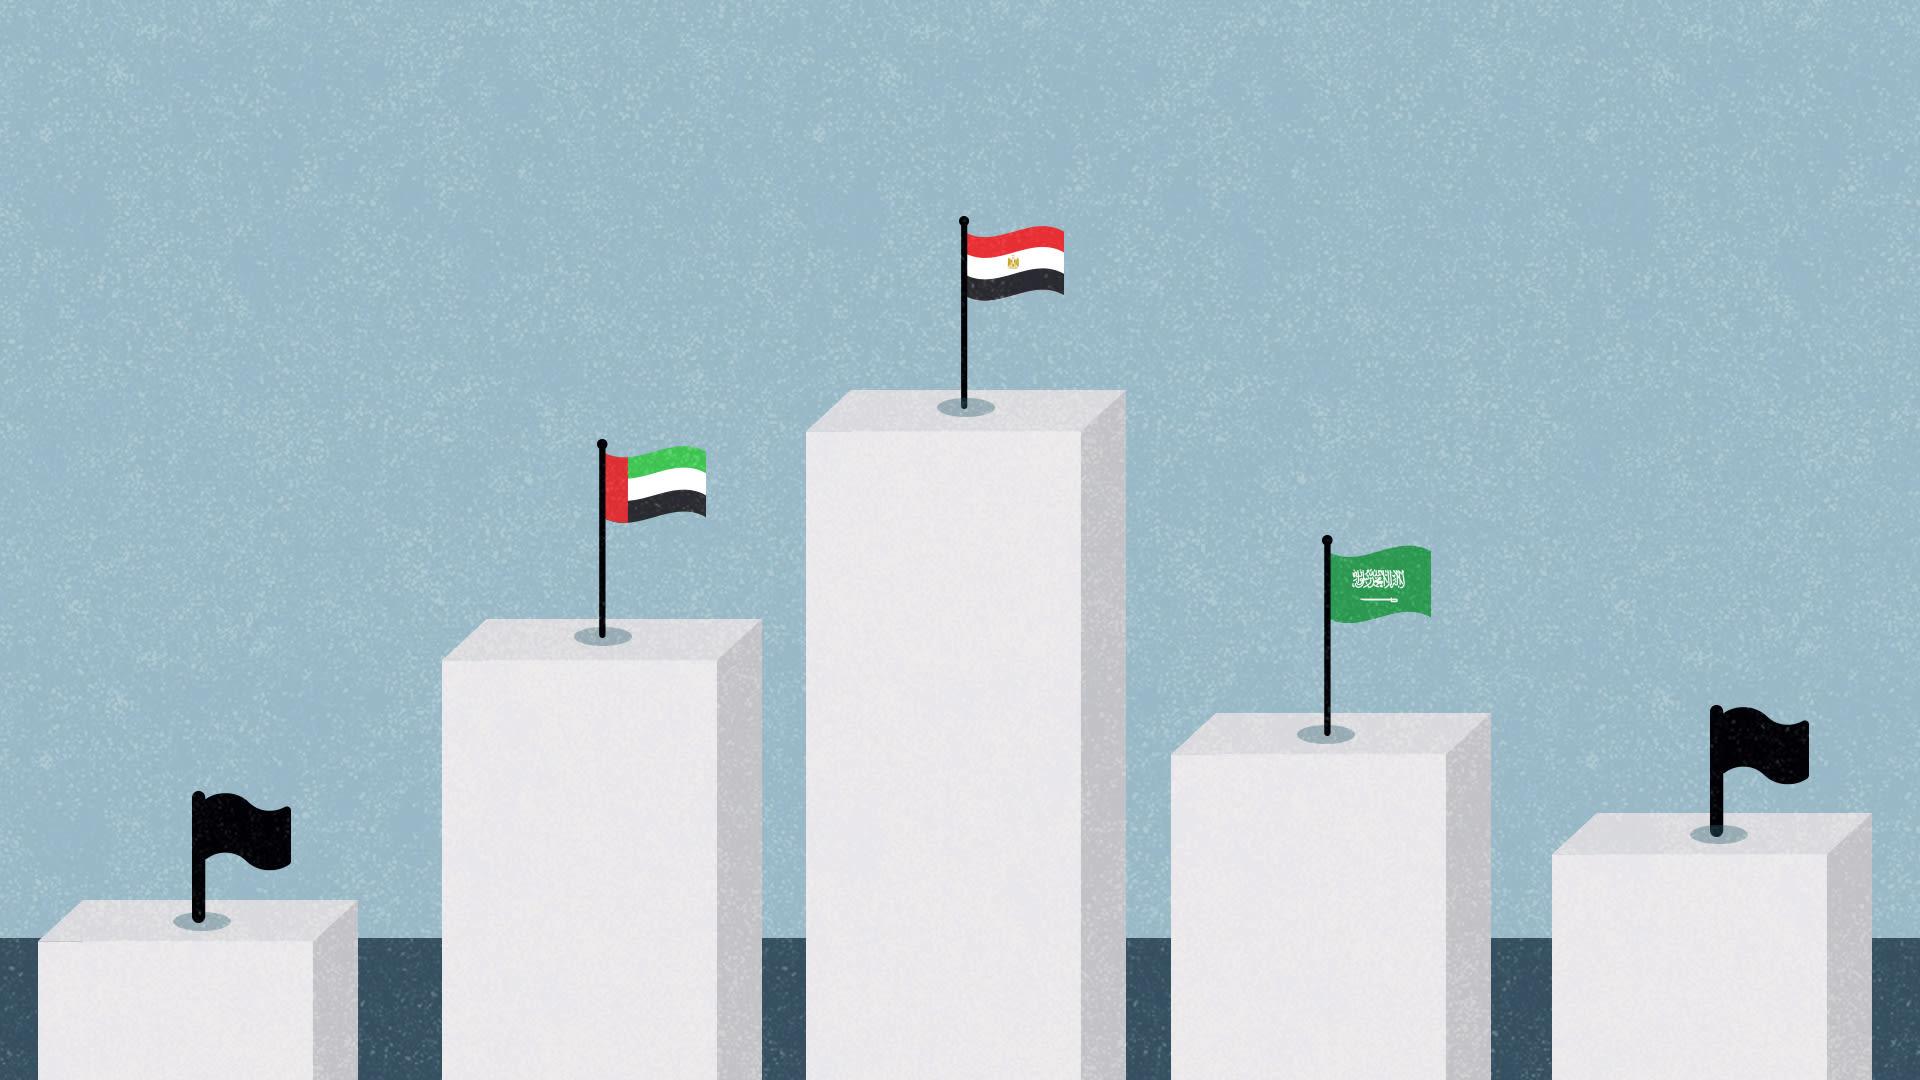 10 شركات عائلية عربية هي الأكثر نفوذاً في الشرق الأوسط.. هذا مجموع ثروتها